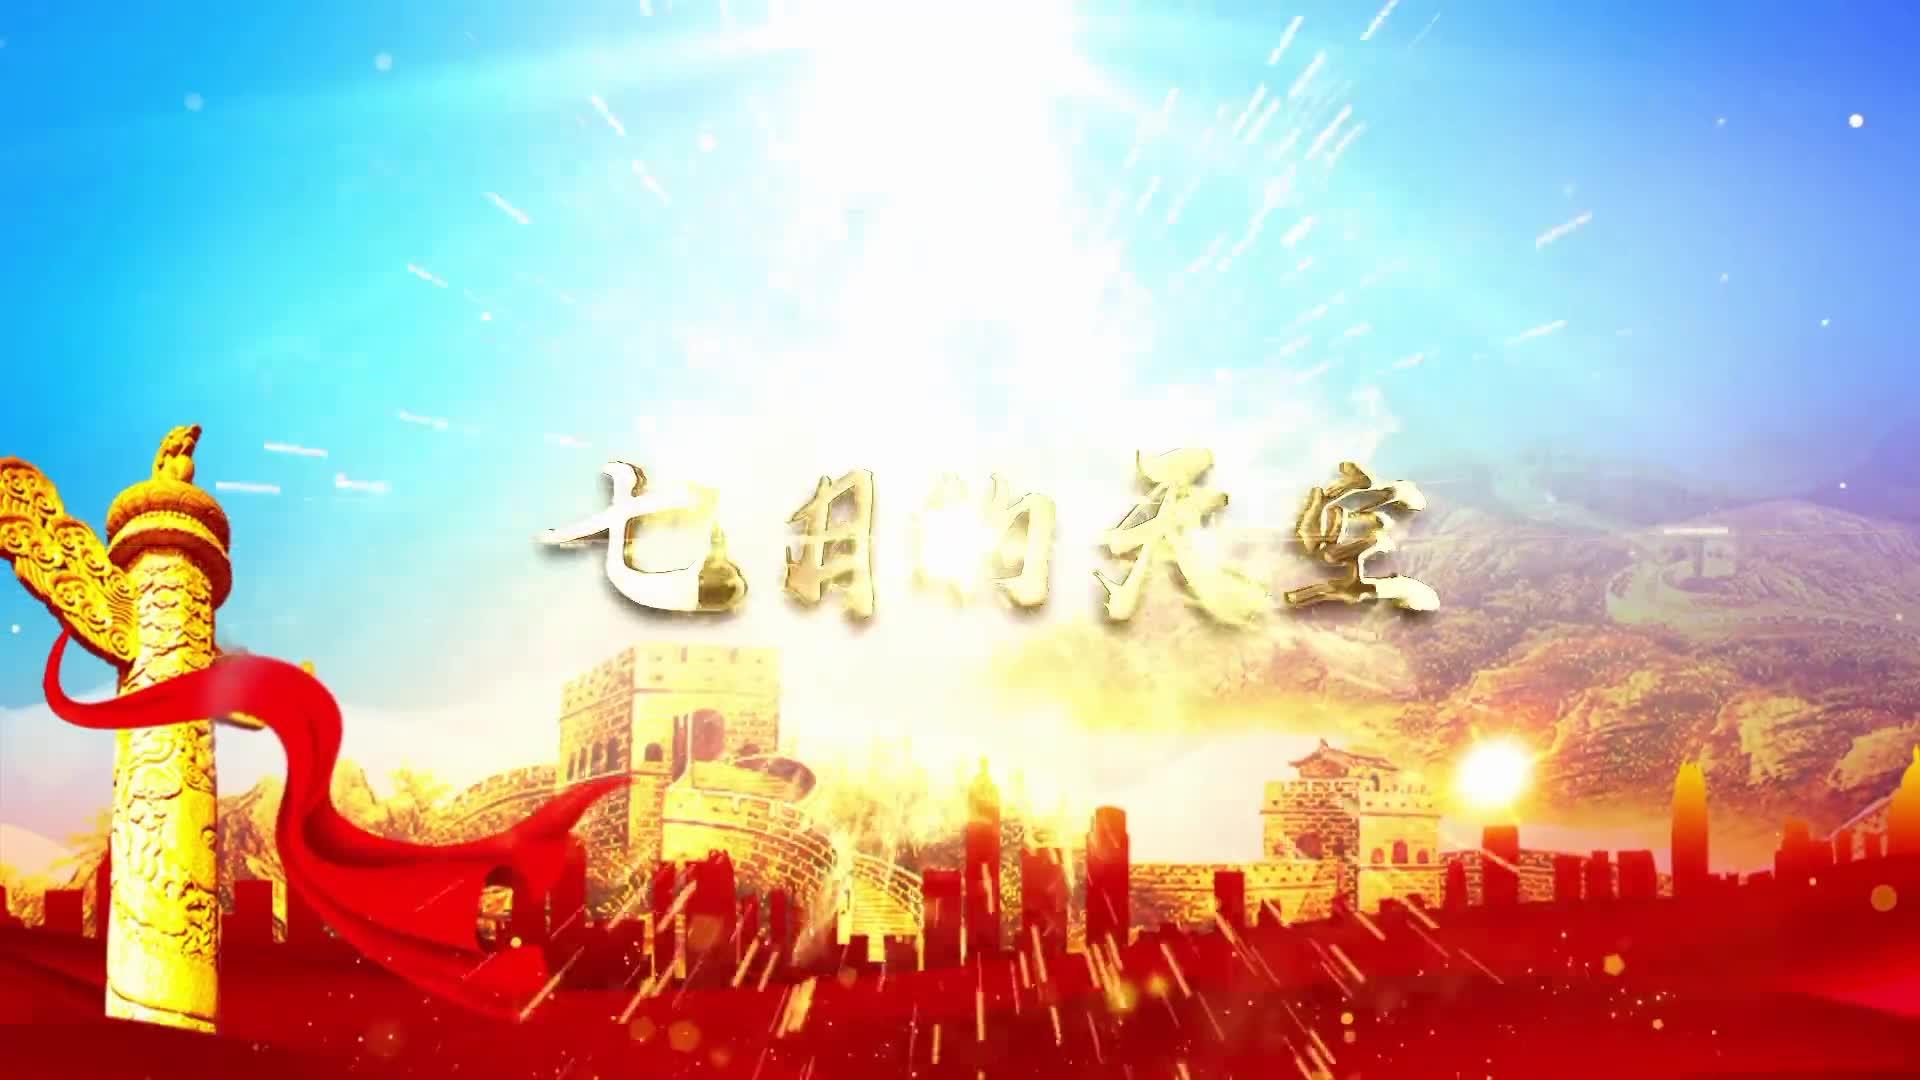 市政协文化艺术界诗朗诵 《七月的天空》 献礼党的百年华诞!